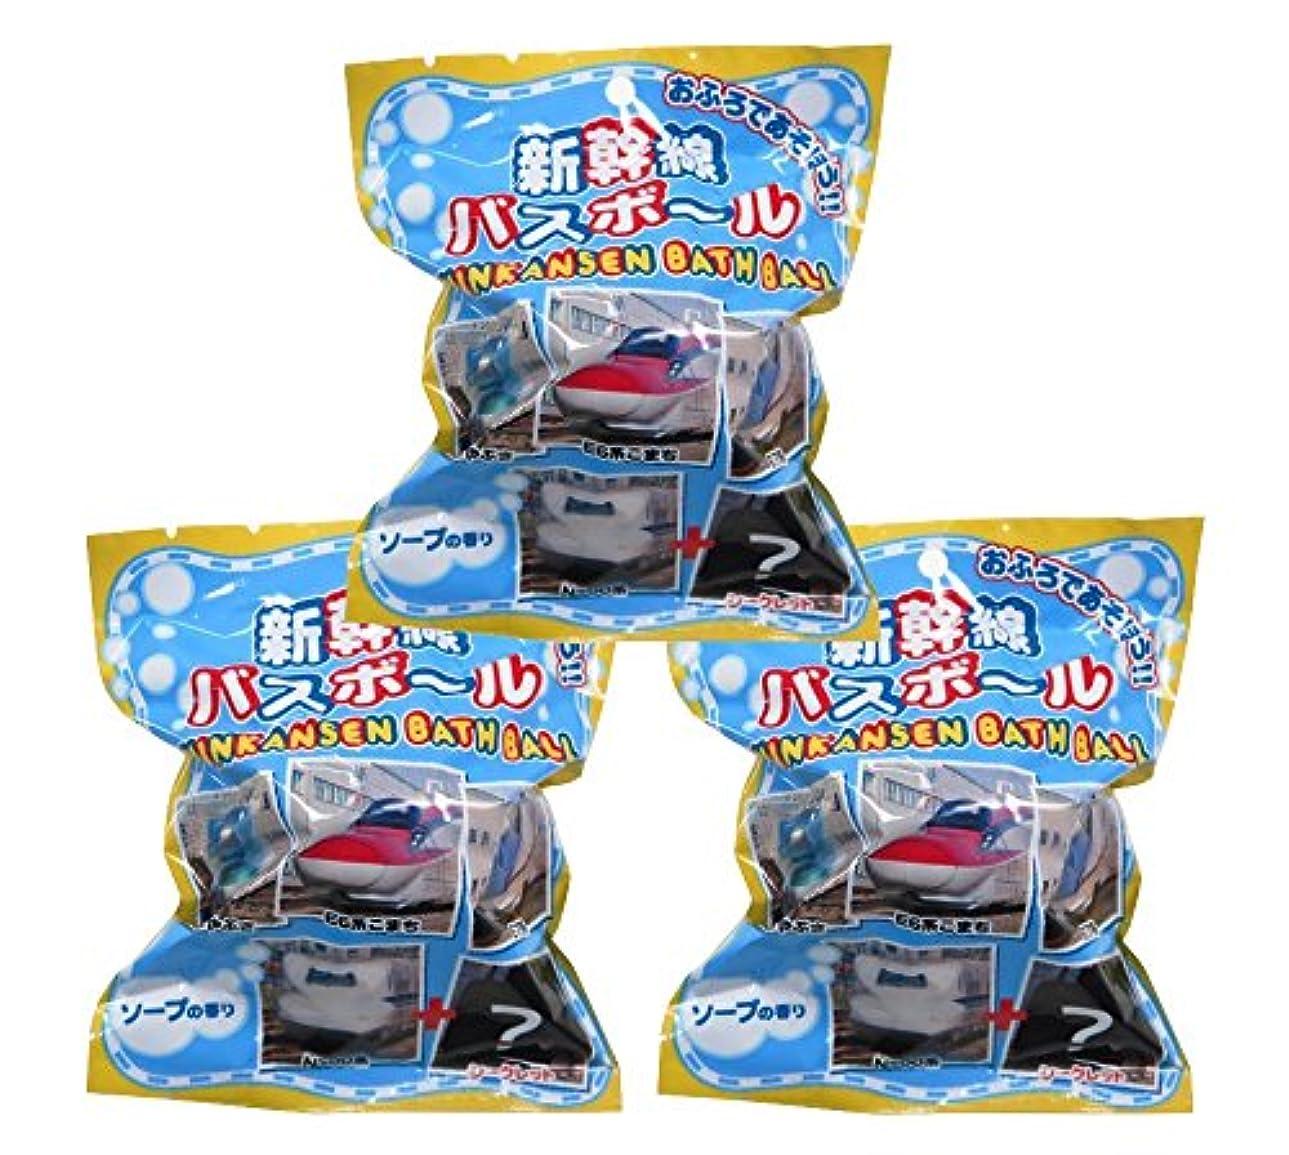 軽少ないブリーフケースJR新幹線 入浴剤 マスコットが飛び出るバスボール 3個セット